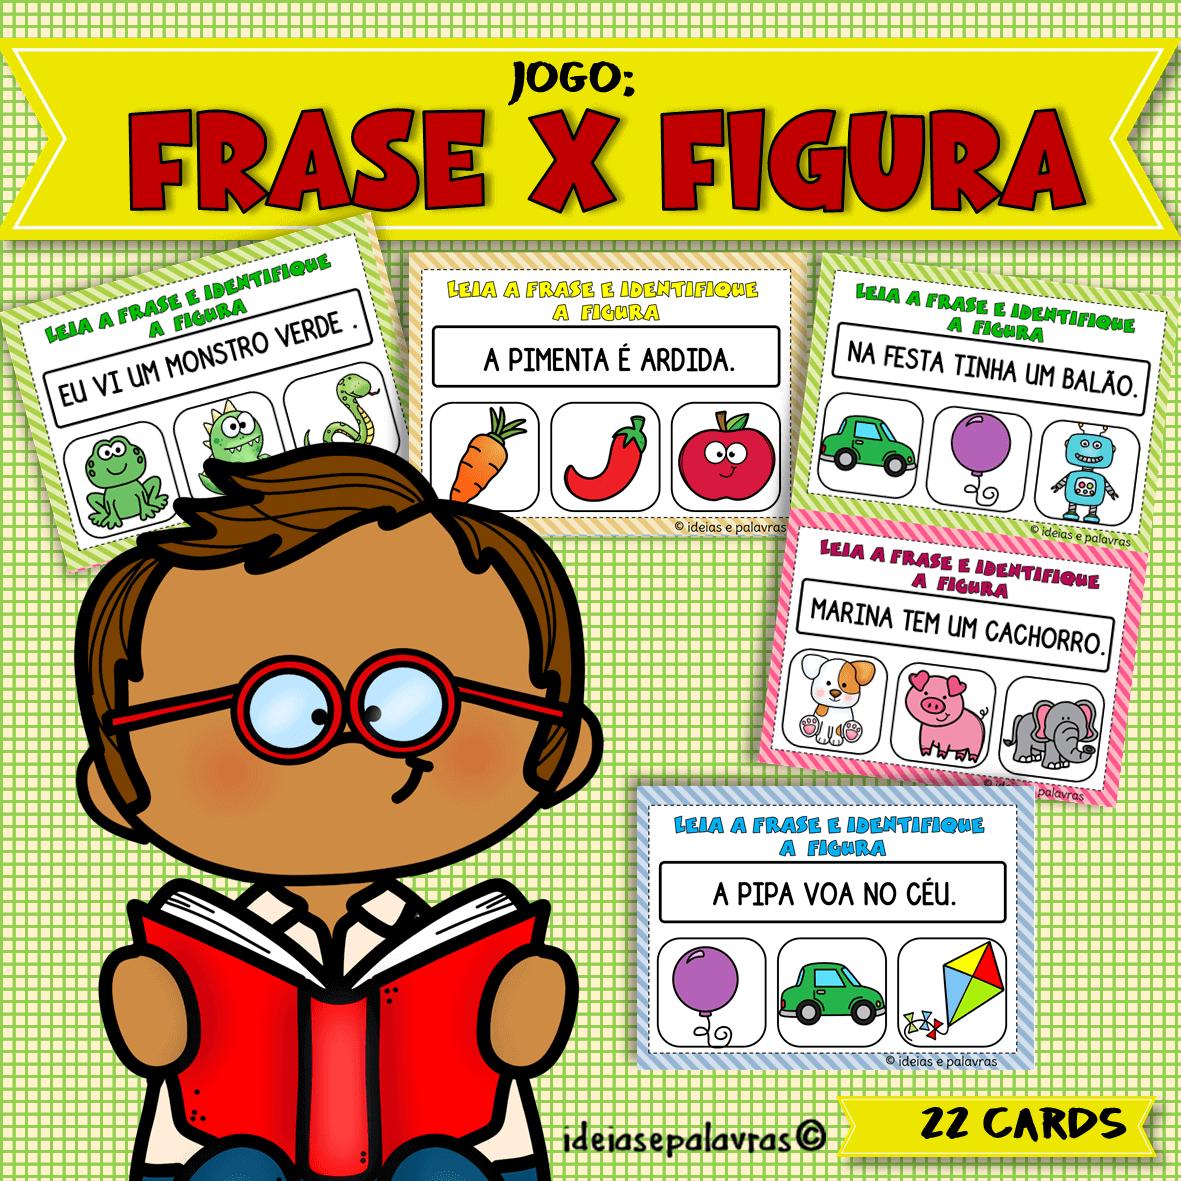 Frase x Figura | Jogo Pedagógico com 22 Cartas com uma frase e 3 imagens cada para Educação infantil